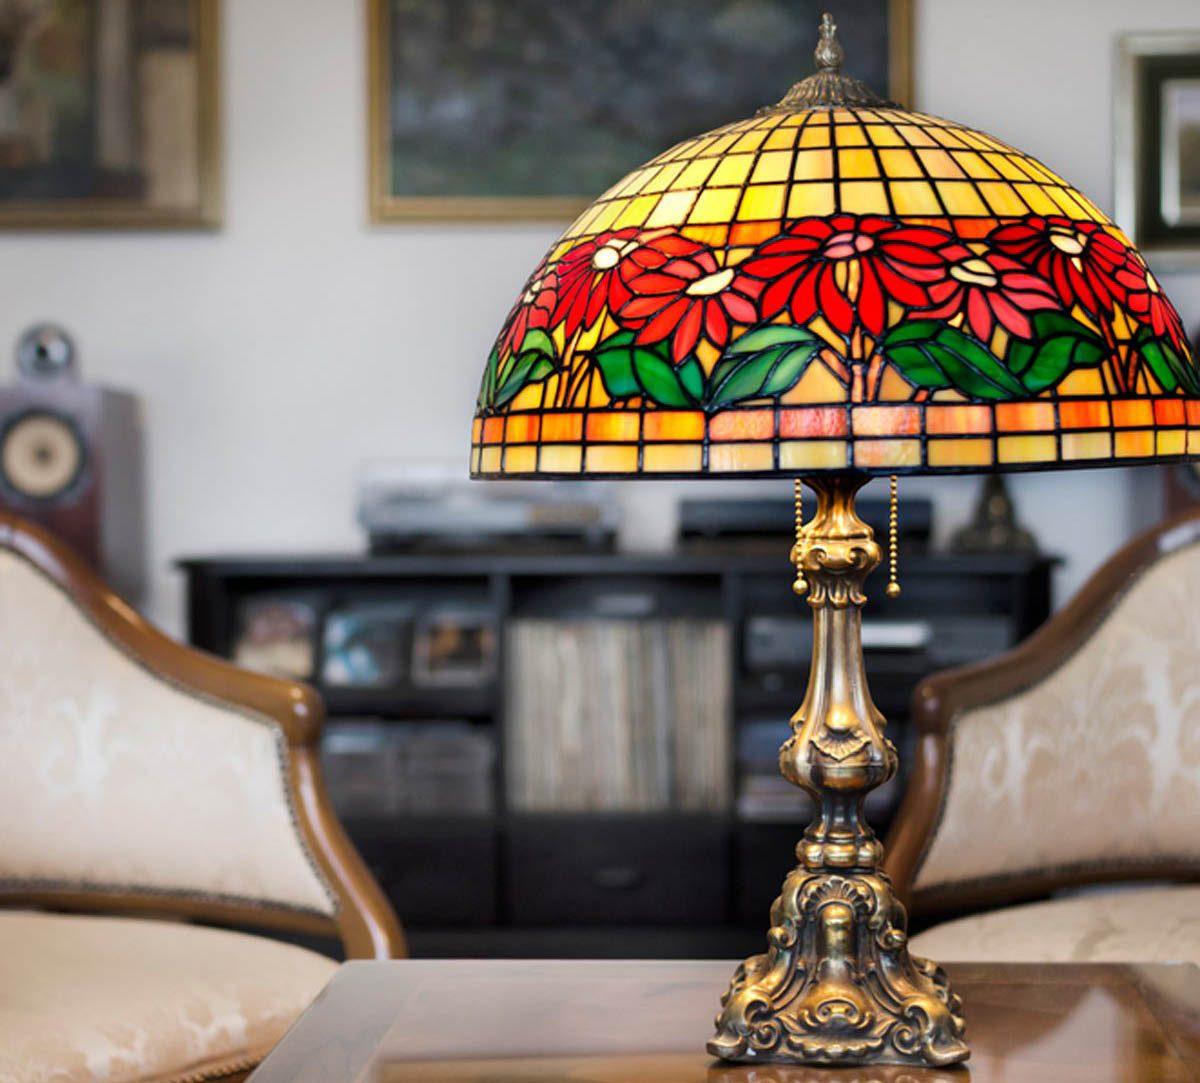 Votre maison vous fait vieillir si vous adorez les lampes Tiffany.